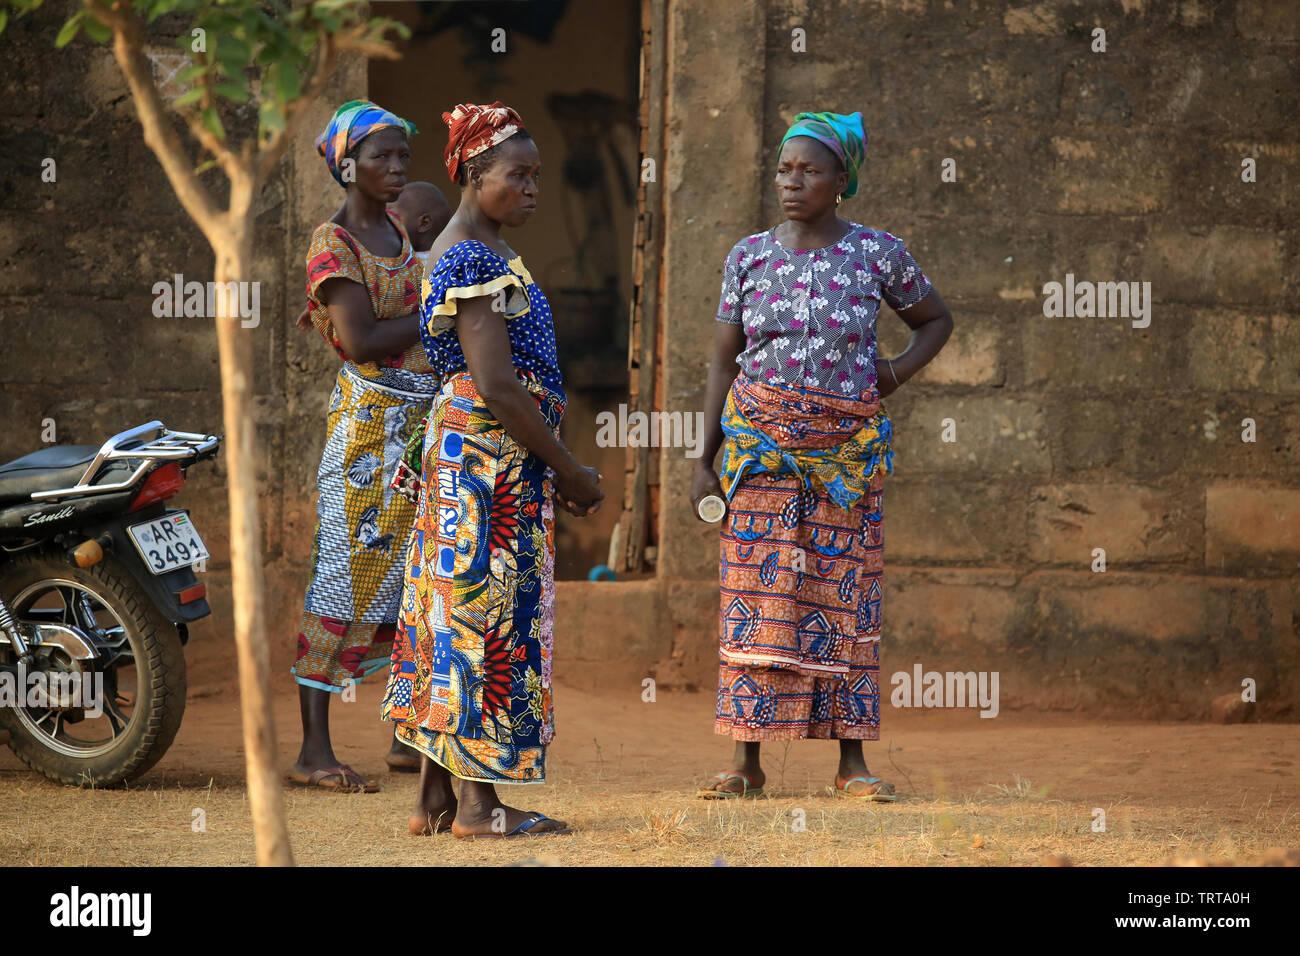 Femmes togolaises sur le perron d'une habitation.Togo. Afrique de l'Ouest. - Stock Image